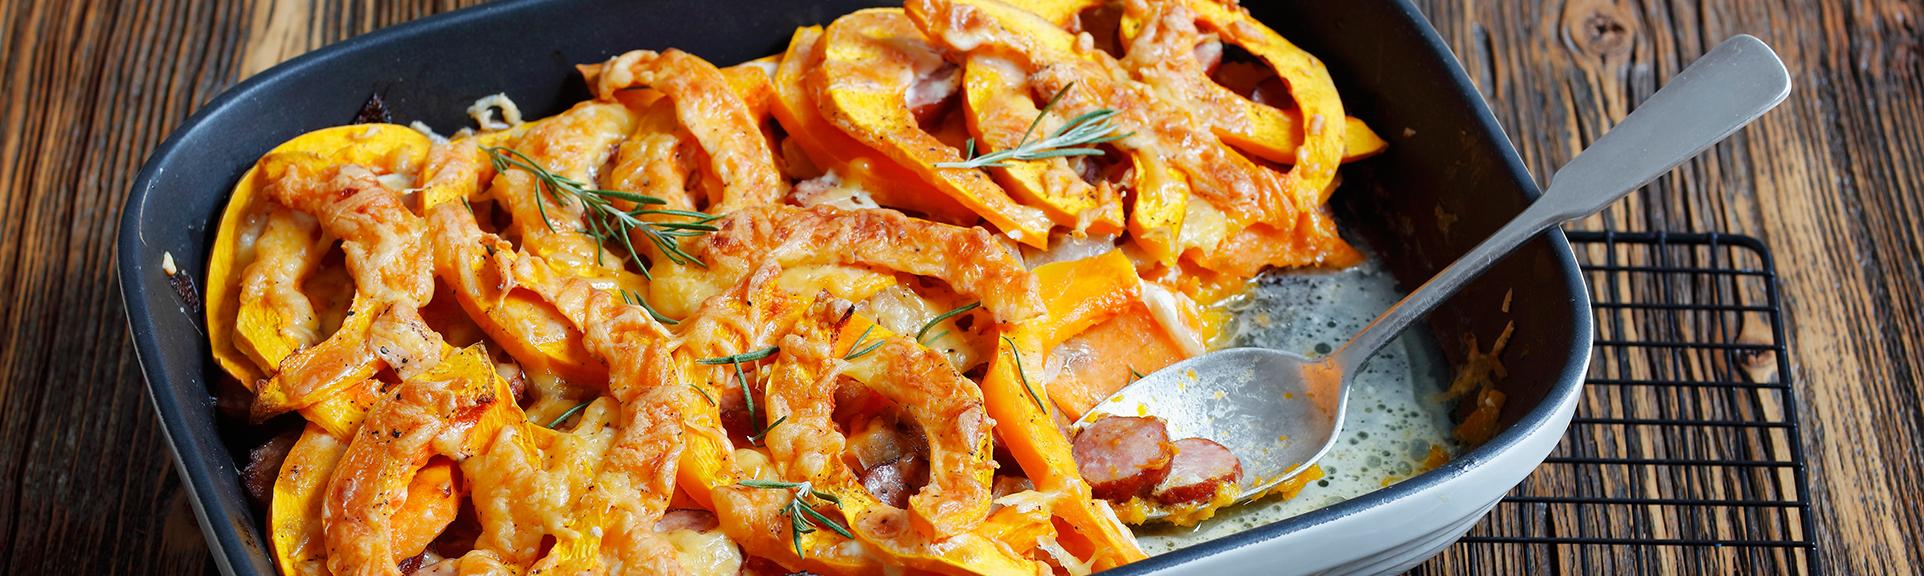 Headerabbildung für das Rezept Kürbis- und Süßkartoffelgratin mit Wurst